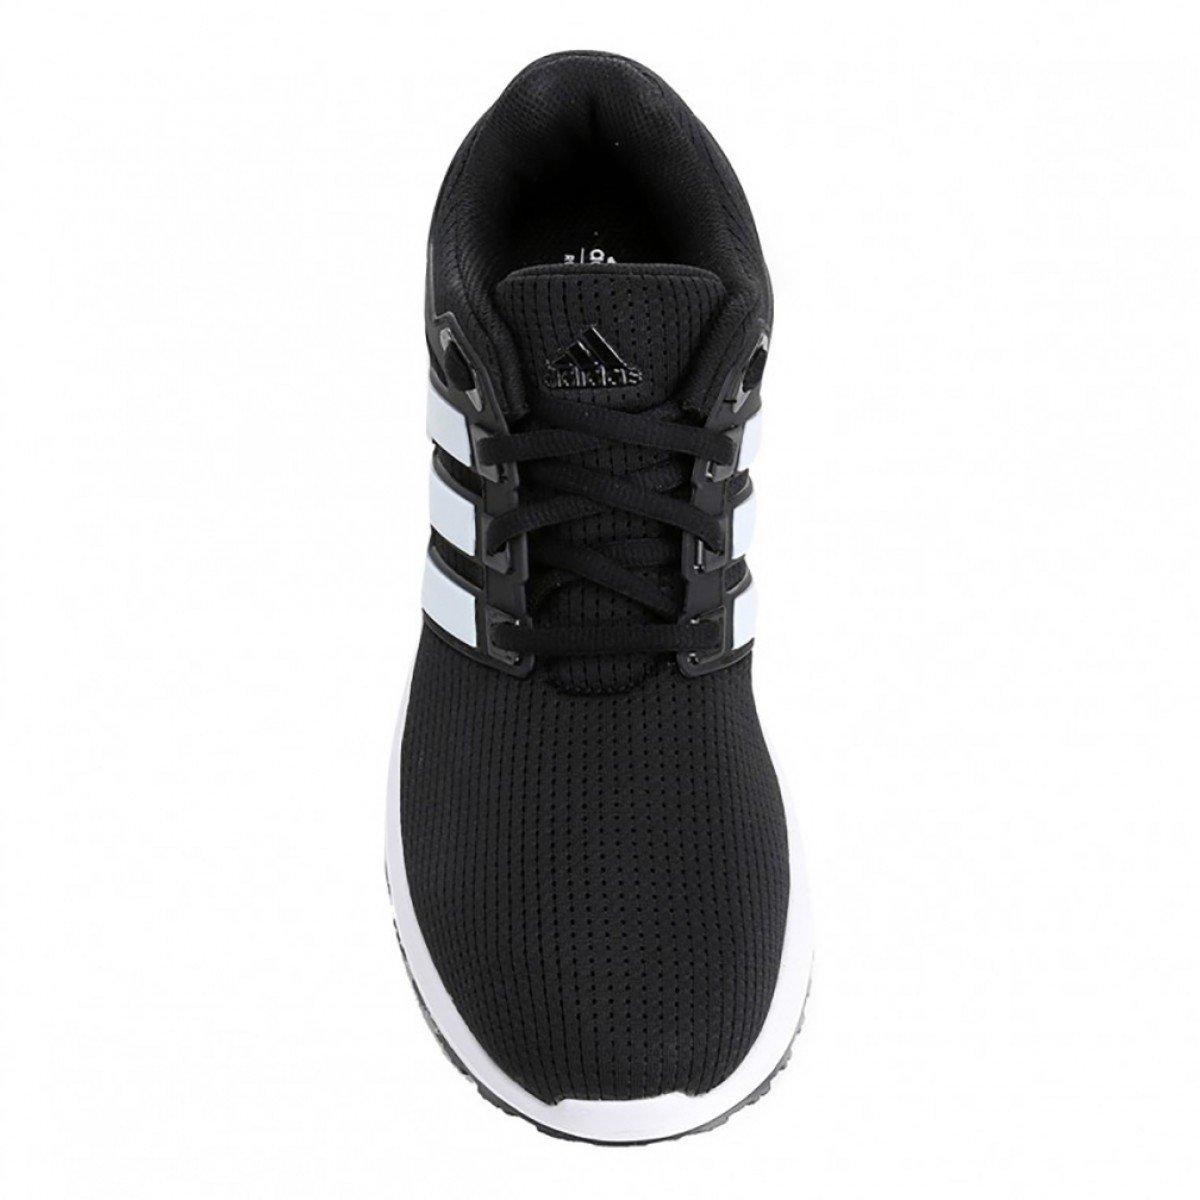 Tênis Masculino Adidas Energy Cloud WTC - Compre Agora  9cdf7f0839f79